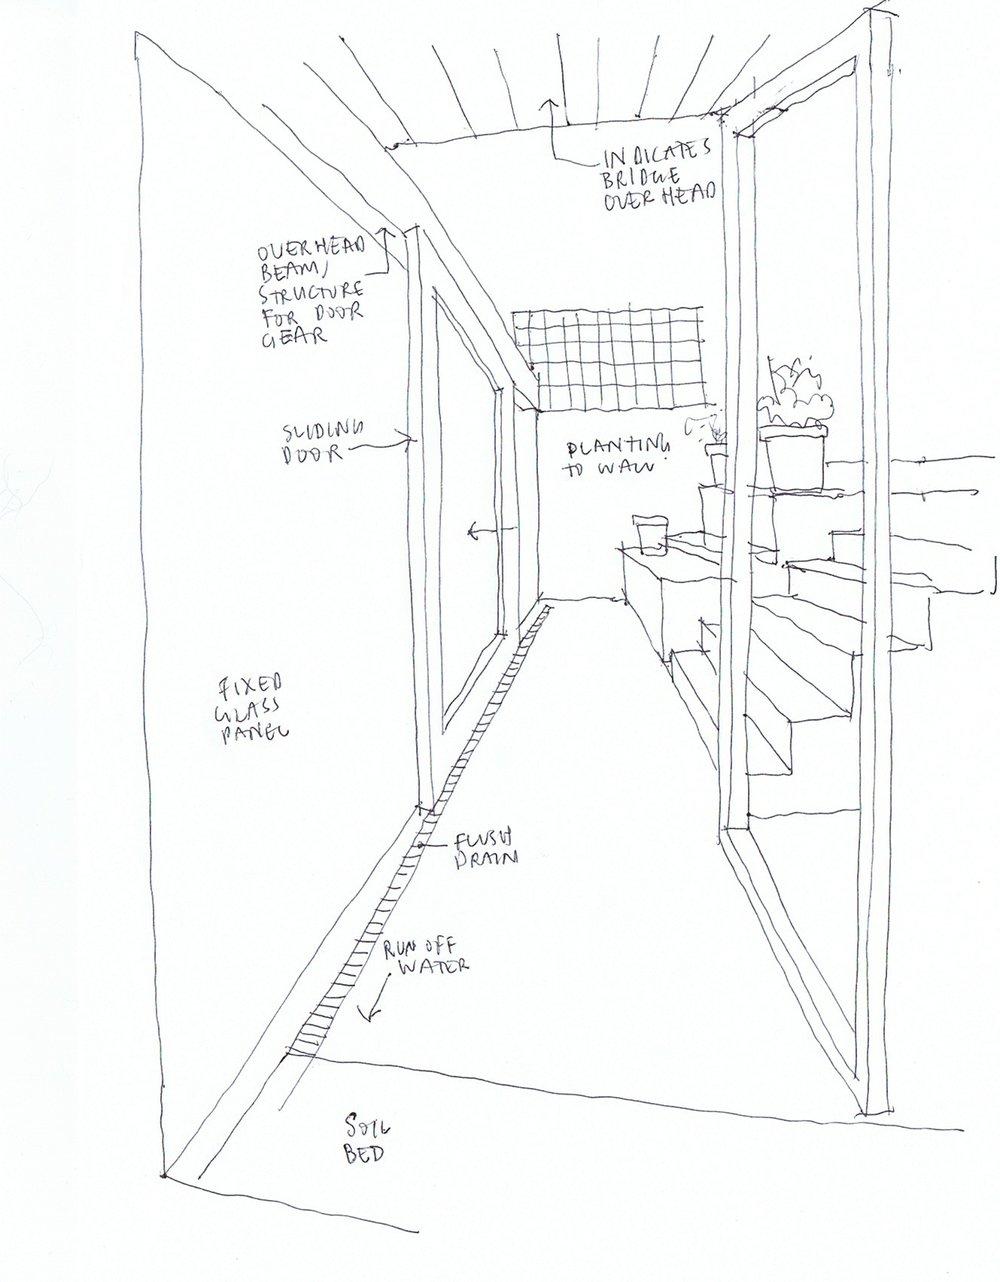 A House_sketch4.jpeg